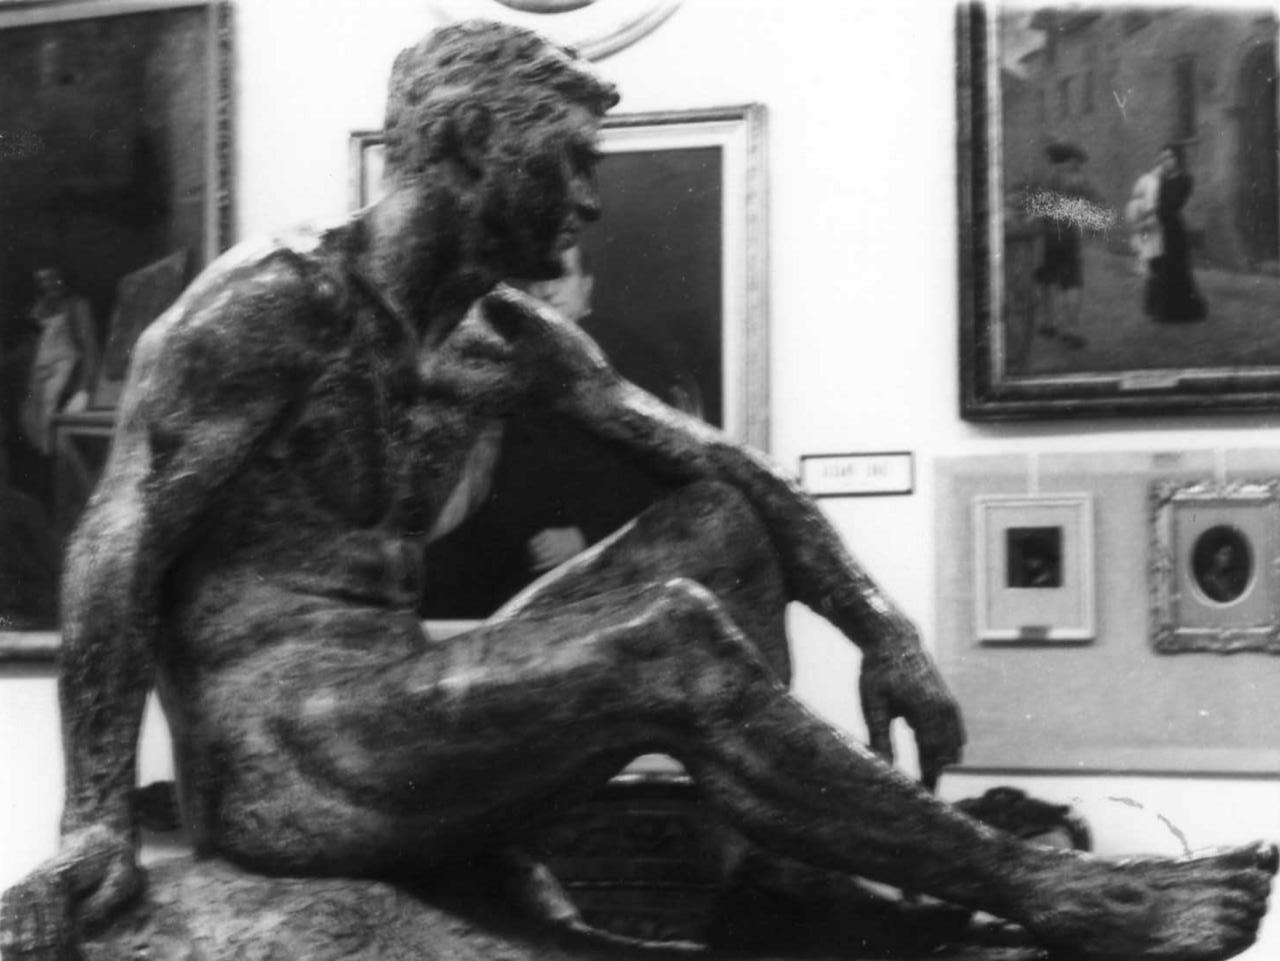 atleta in riposo (scultura) di Baraldi Renzo (sec. XX)